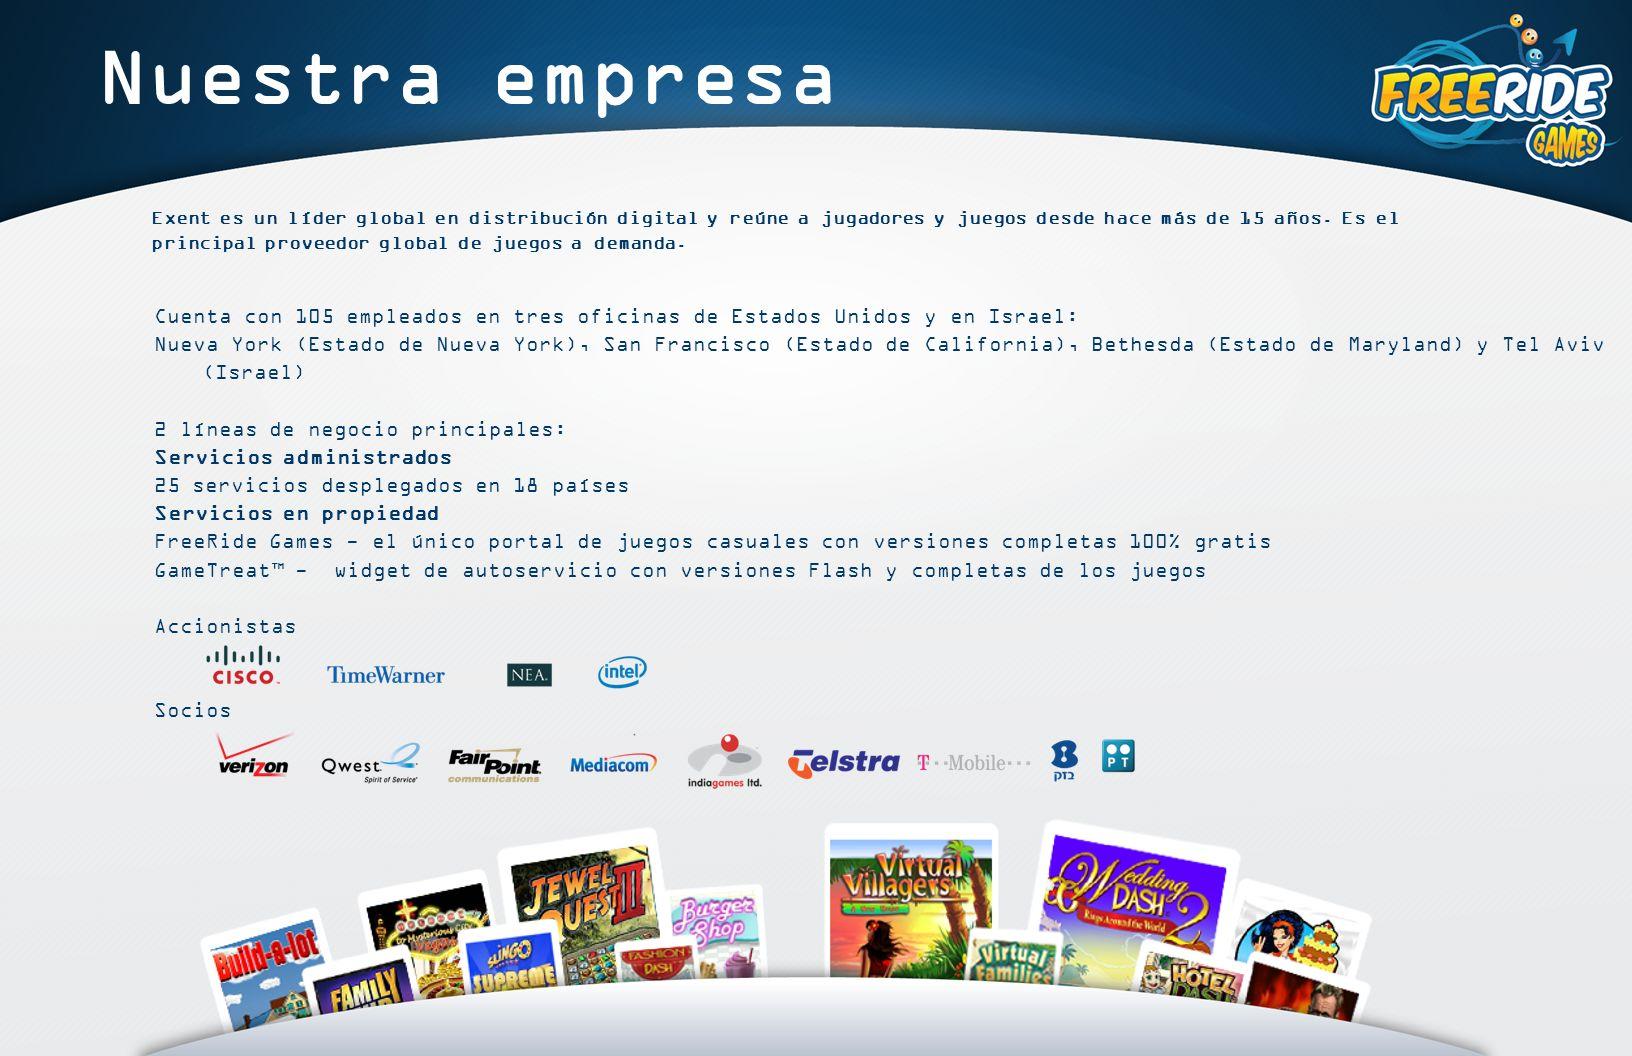 Nuestra empresa Exent es un líder global en distribución digital y reúne a jugadores y juegos desde hace más de 15 años.